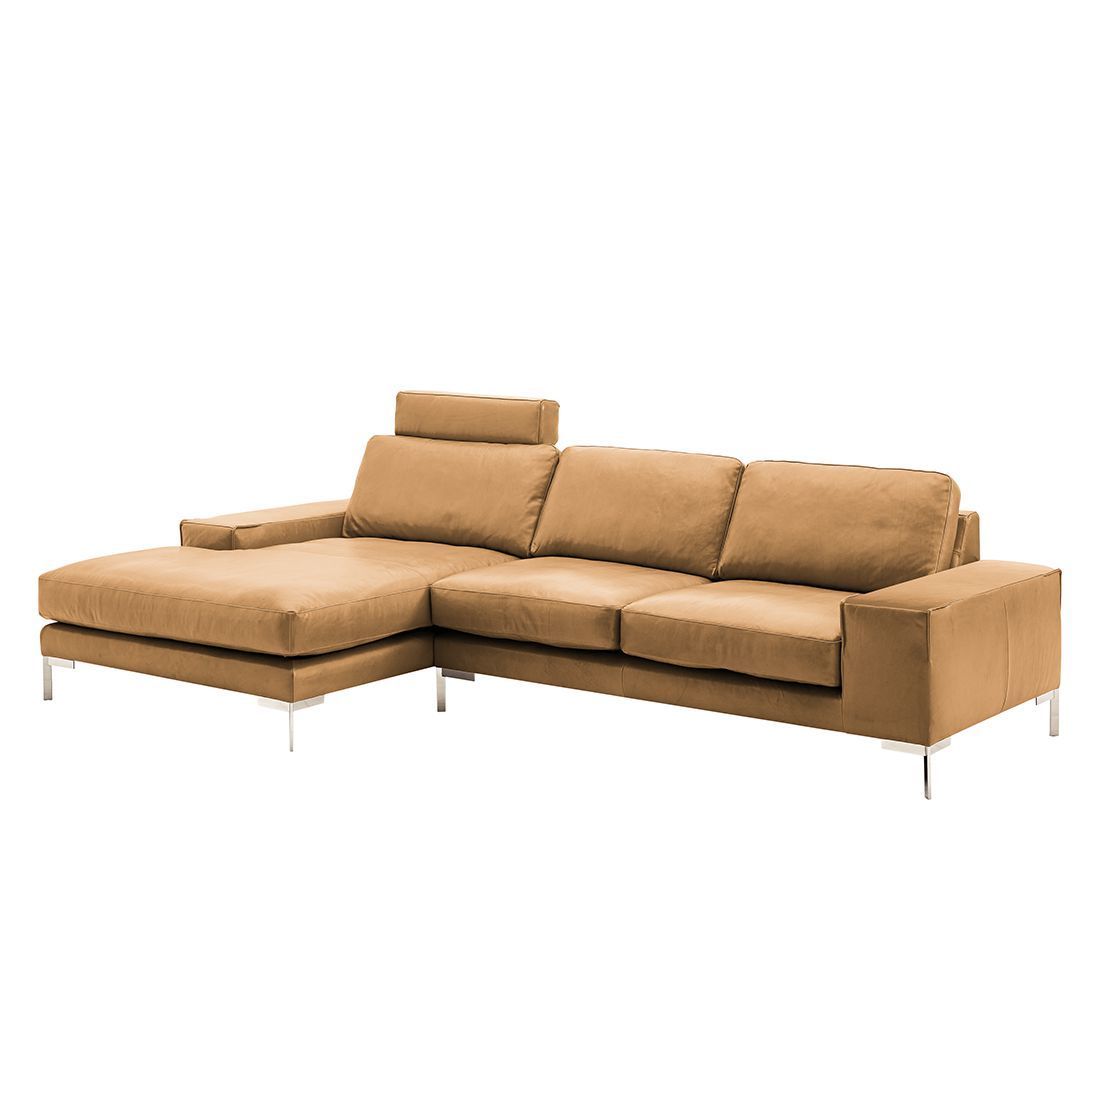 Kopfsttze fr sofa excellent kopfsttze fr sofa toll beste sofa sitzer frische haus ideen galerie - Braunes ecksofa ...